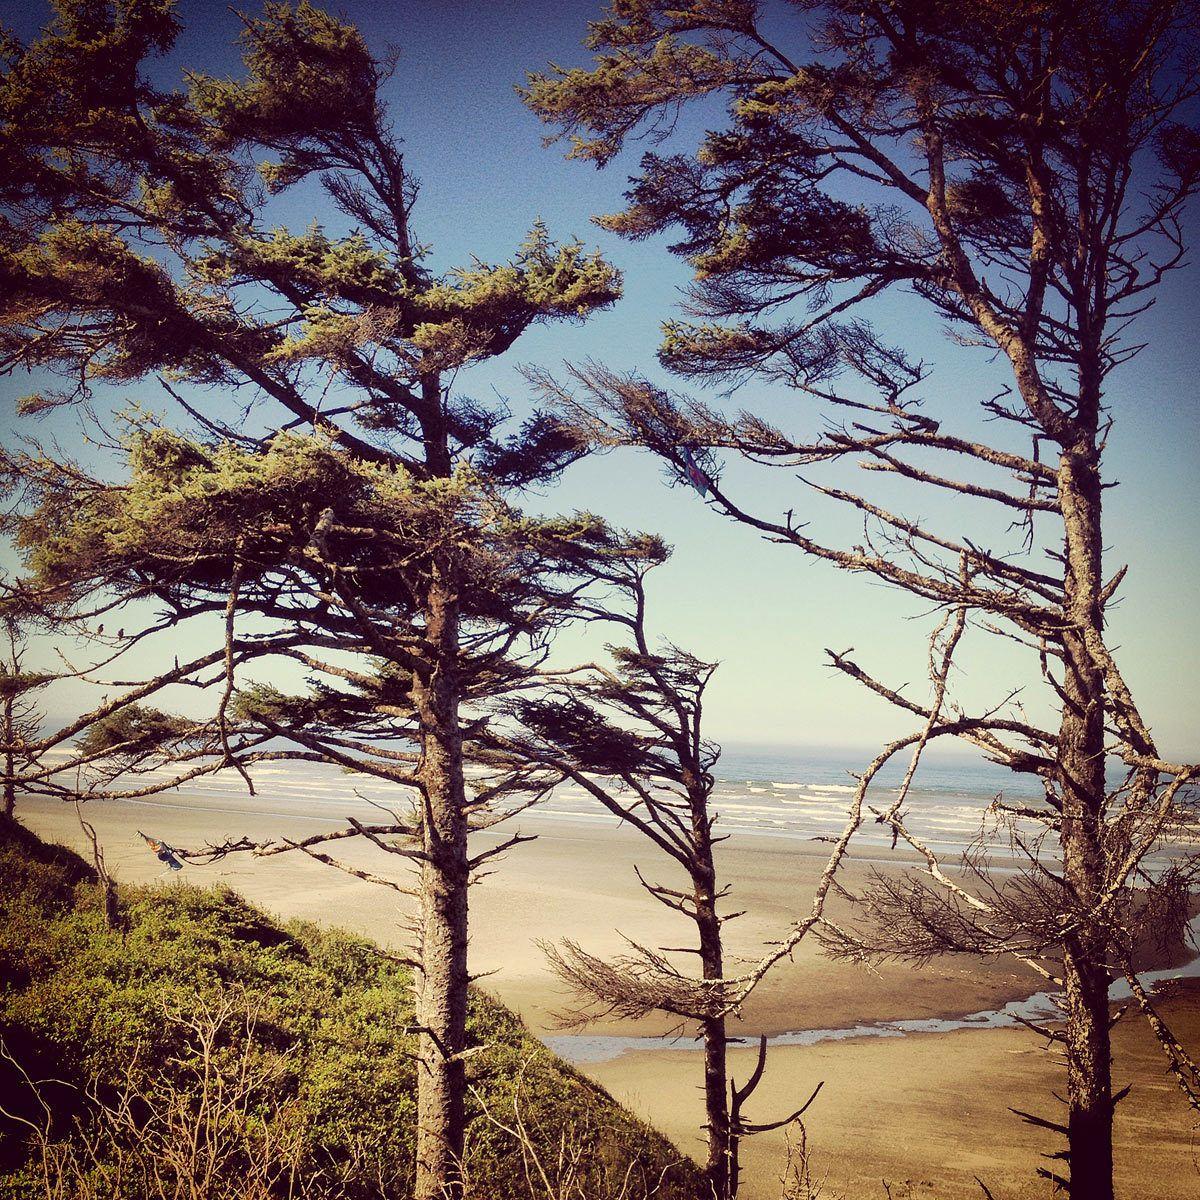 1seabrooke_oregon_instagram_coastal_trees.jpg